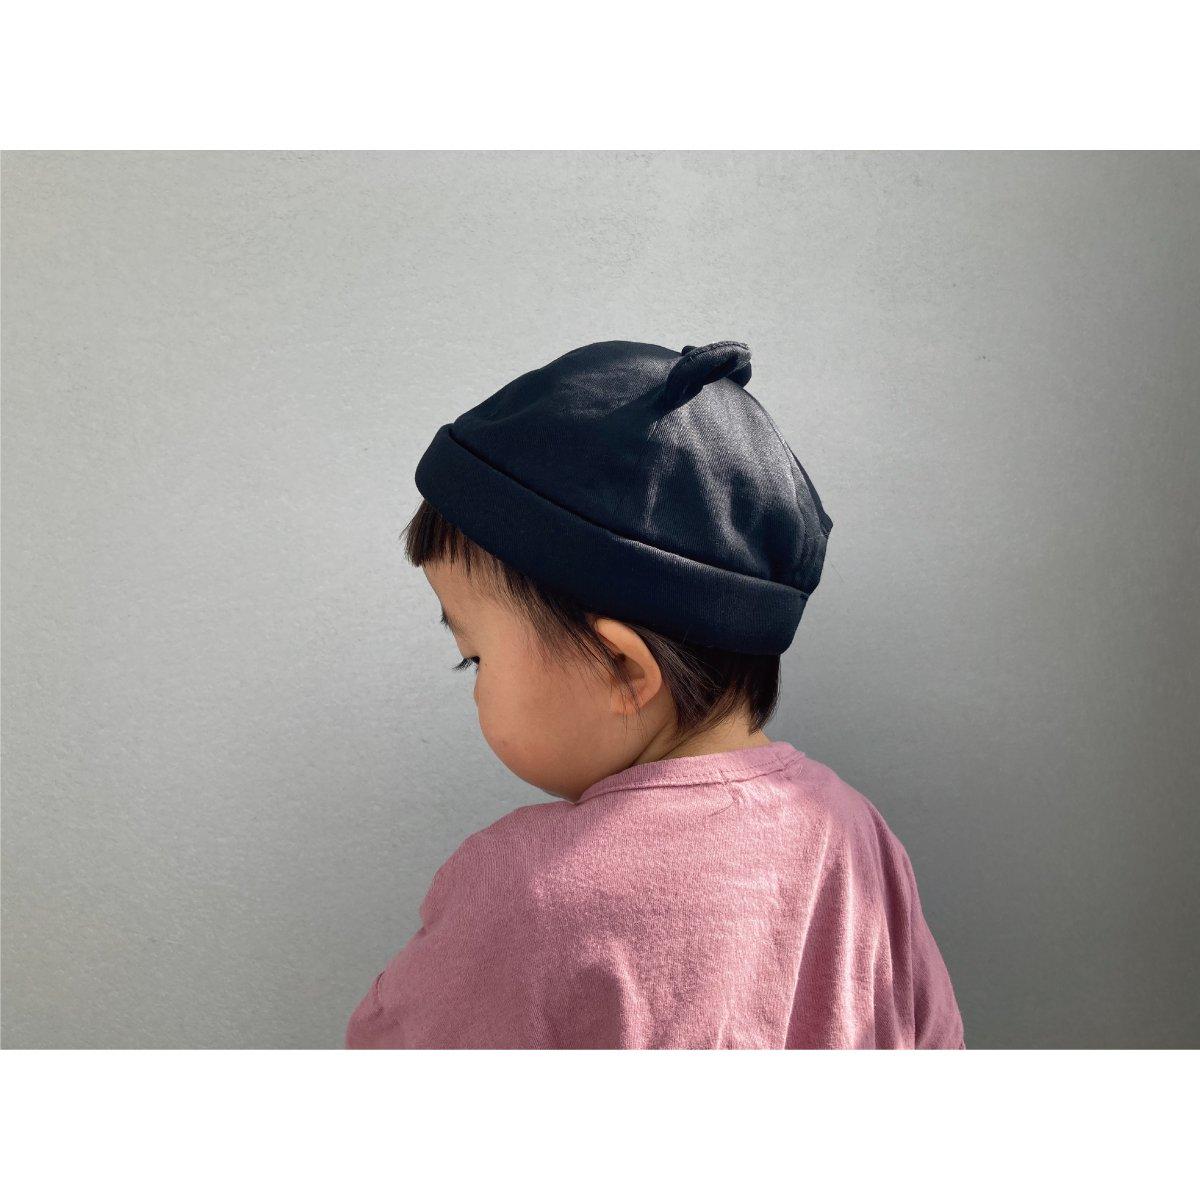 【KIDS】Bear Roll Cap 詳細画像19